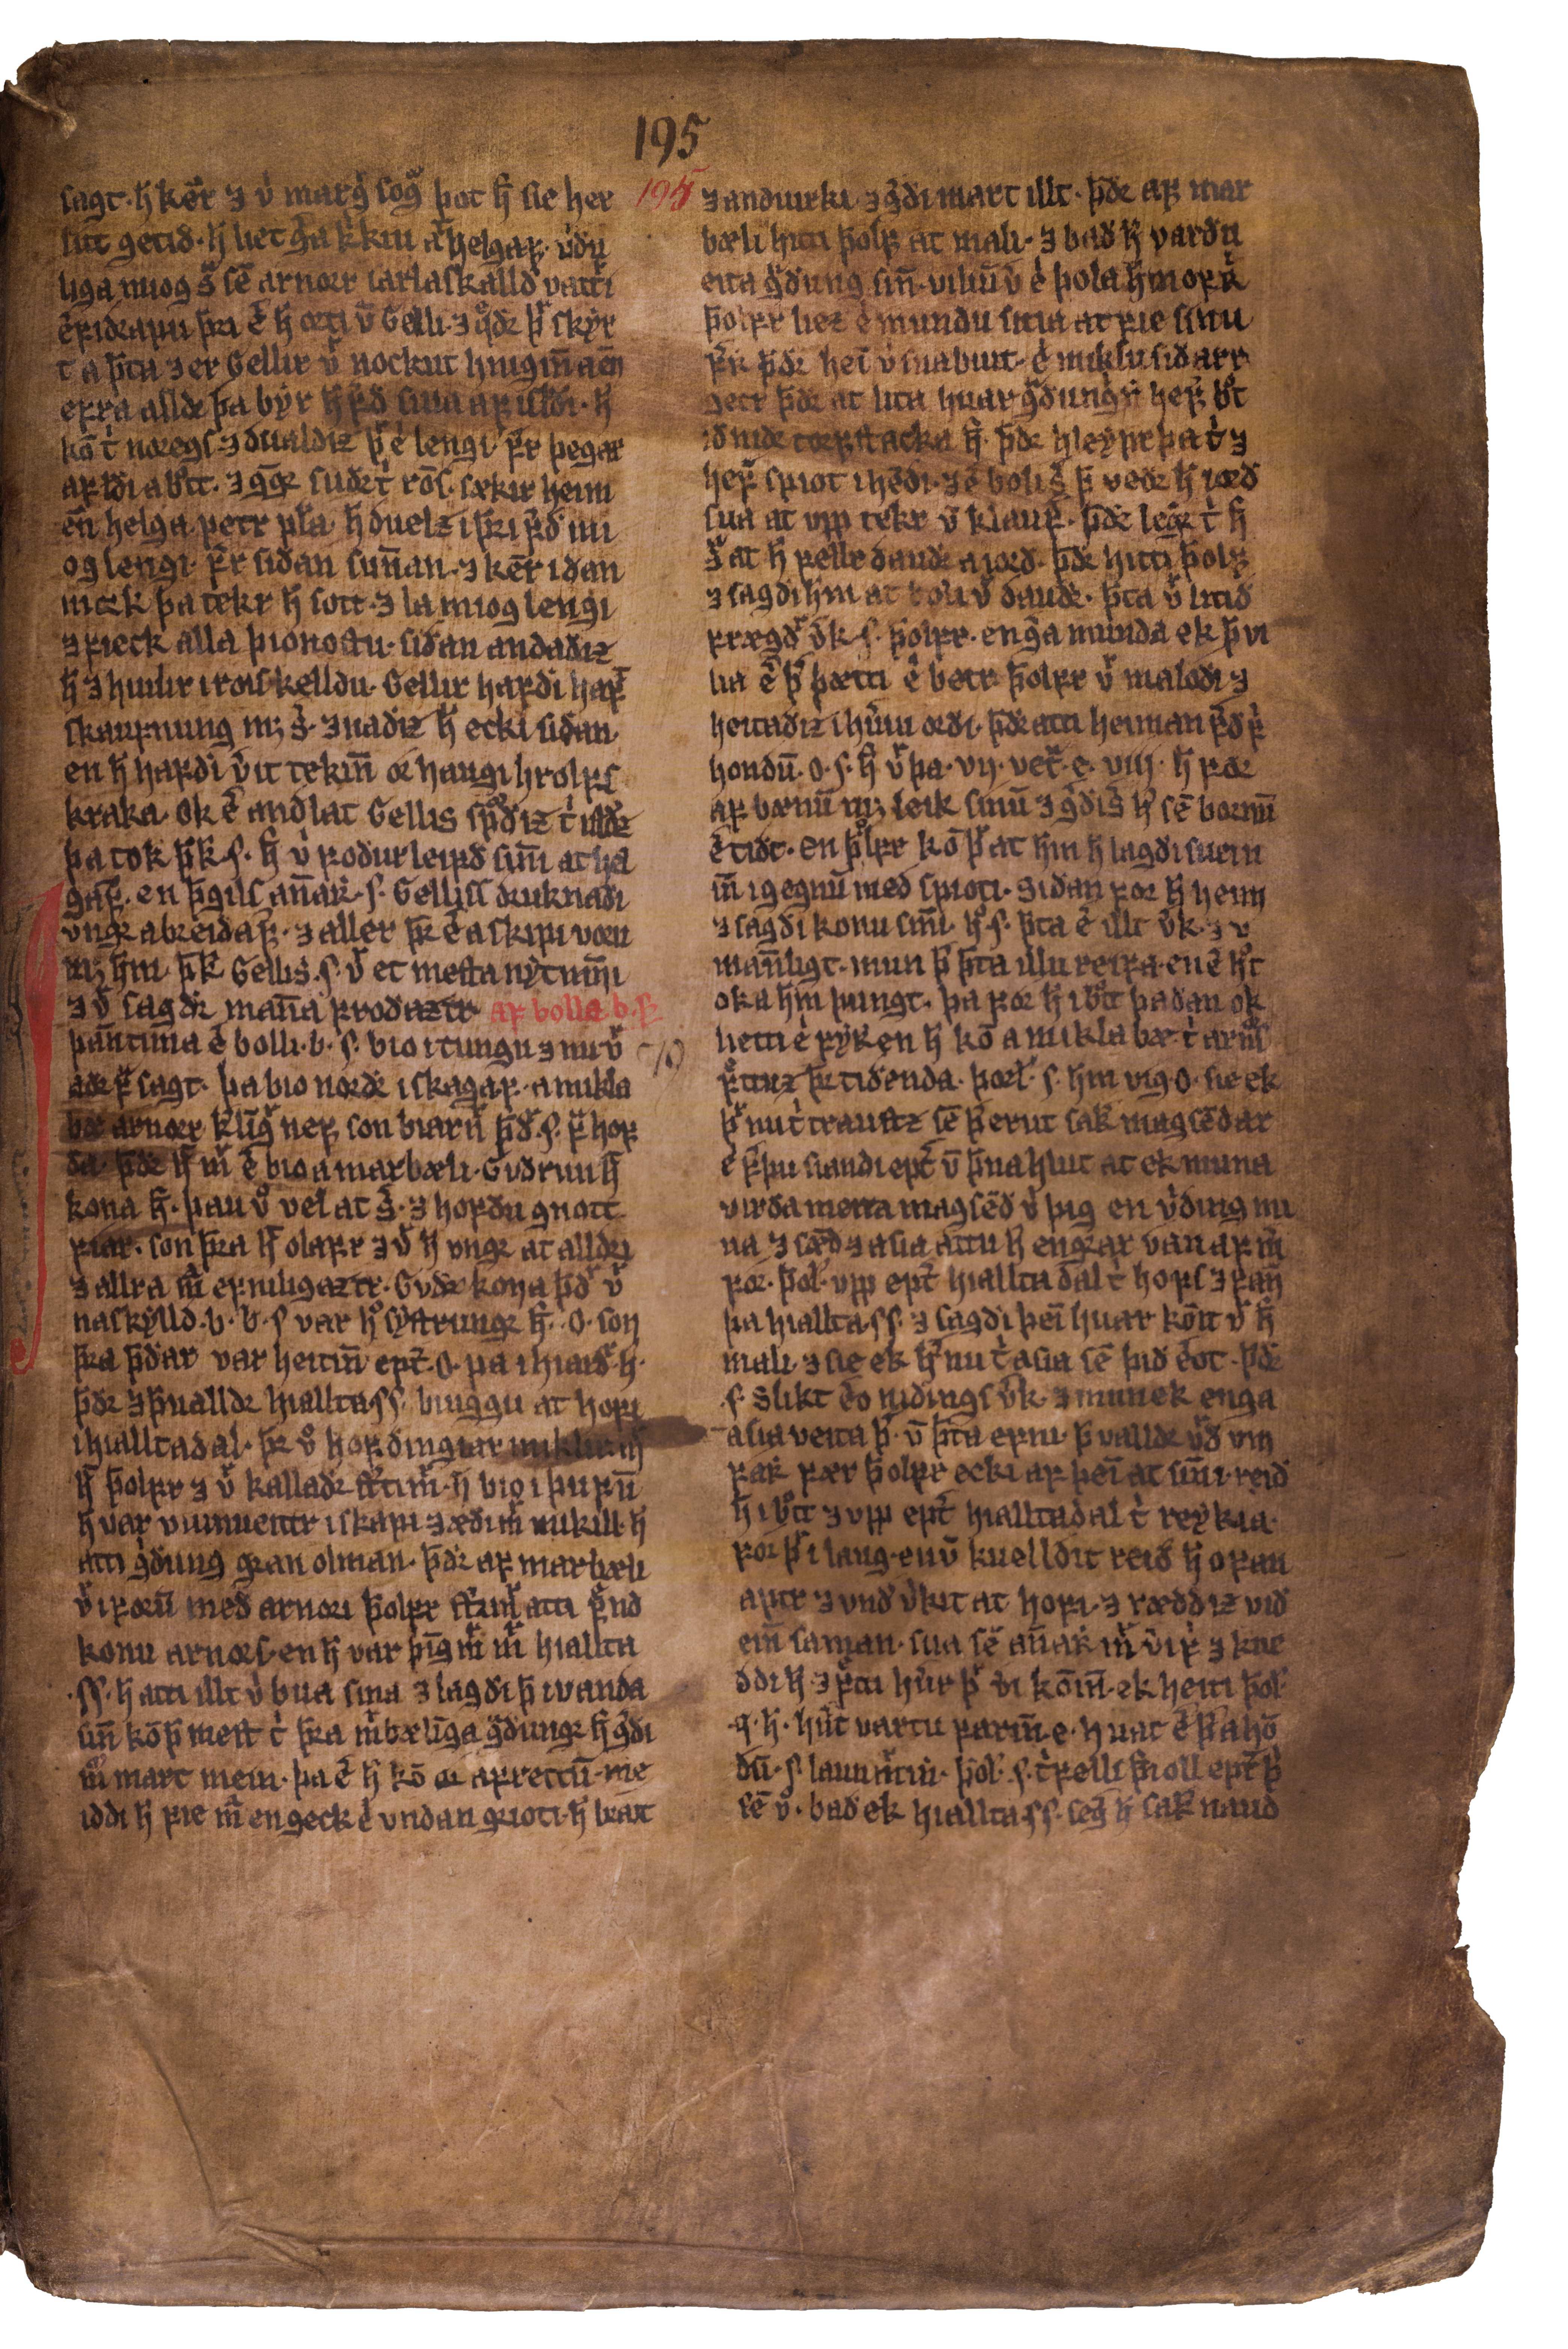 AM 132 fol - 195r